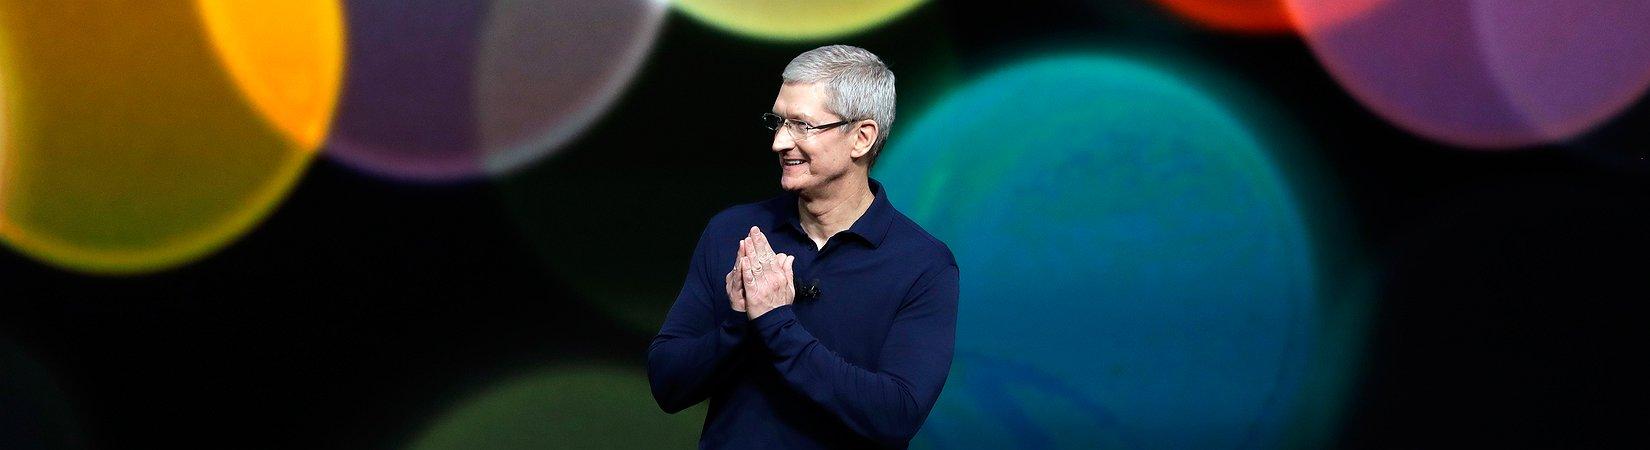 5 Exemplos de como a Apple mudou sob a liderança de Tim Cook